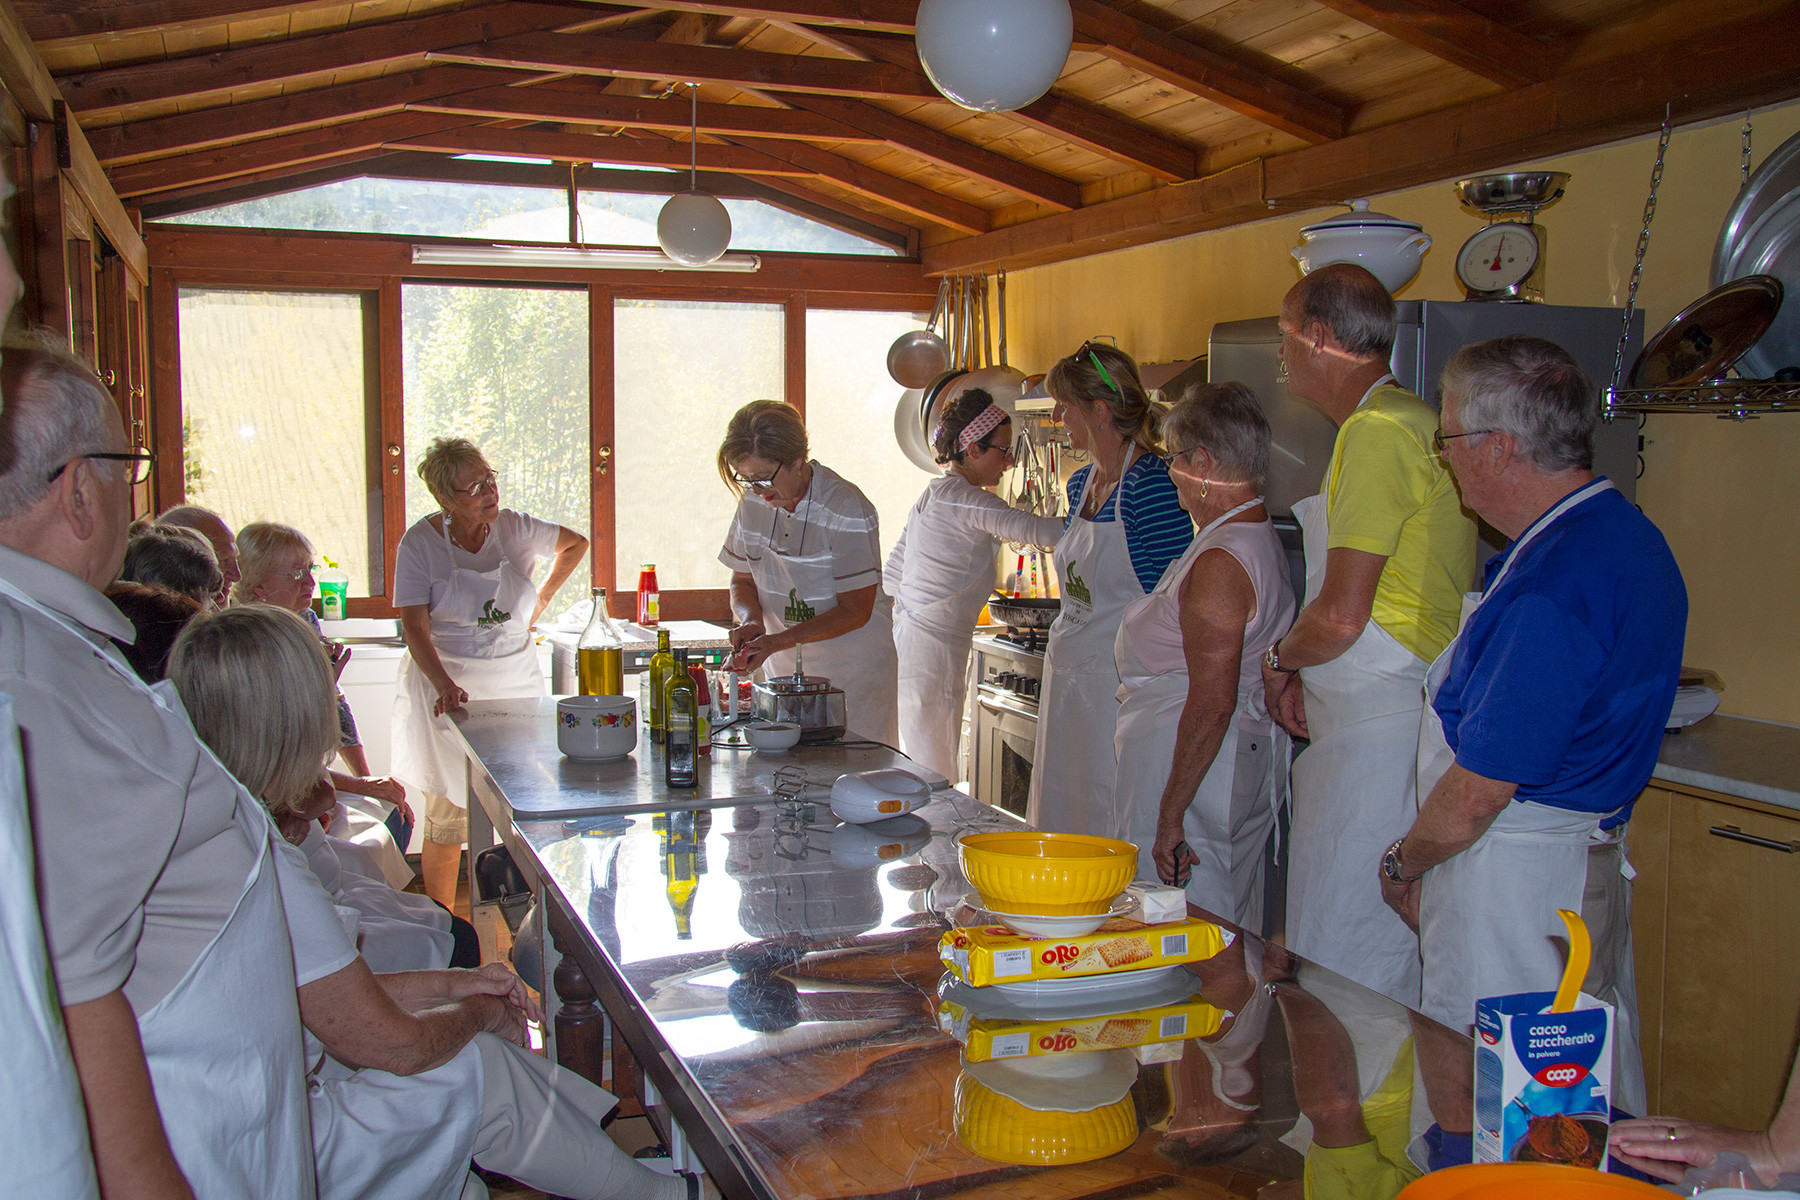 Corsi di cucina tipica toscana in agriturismo a castiglion fiorentino - Corso cucina cannavacciuolo prezzo ...